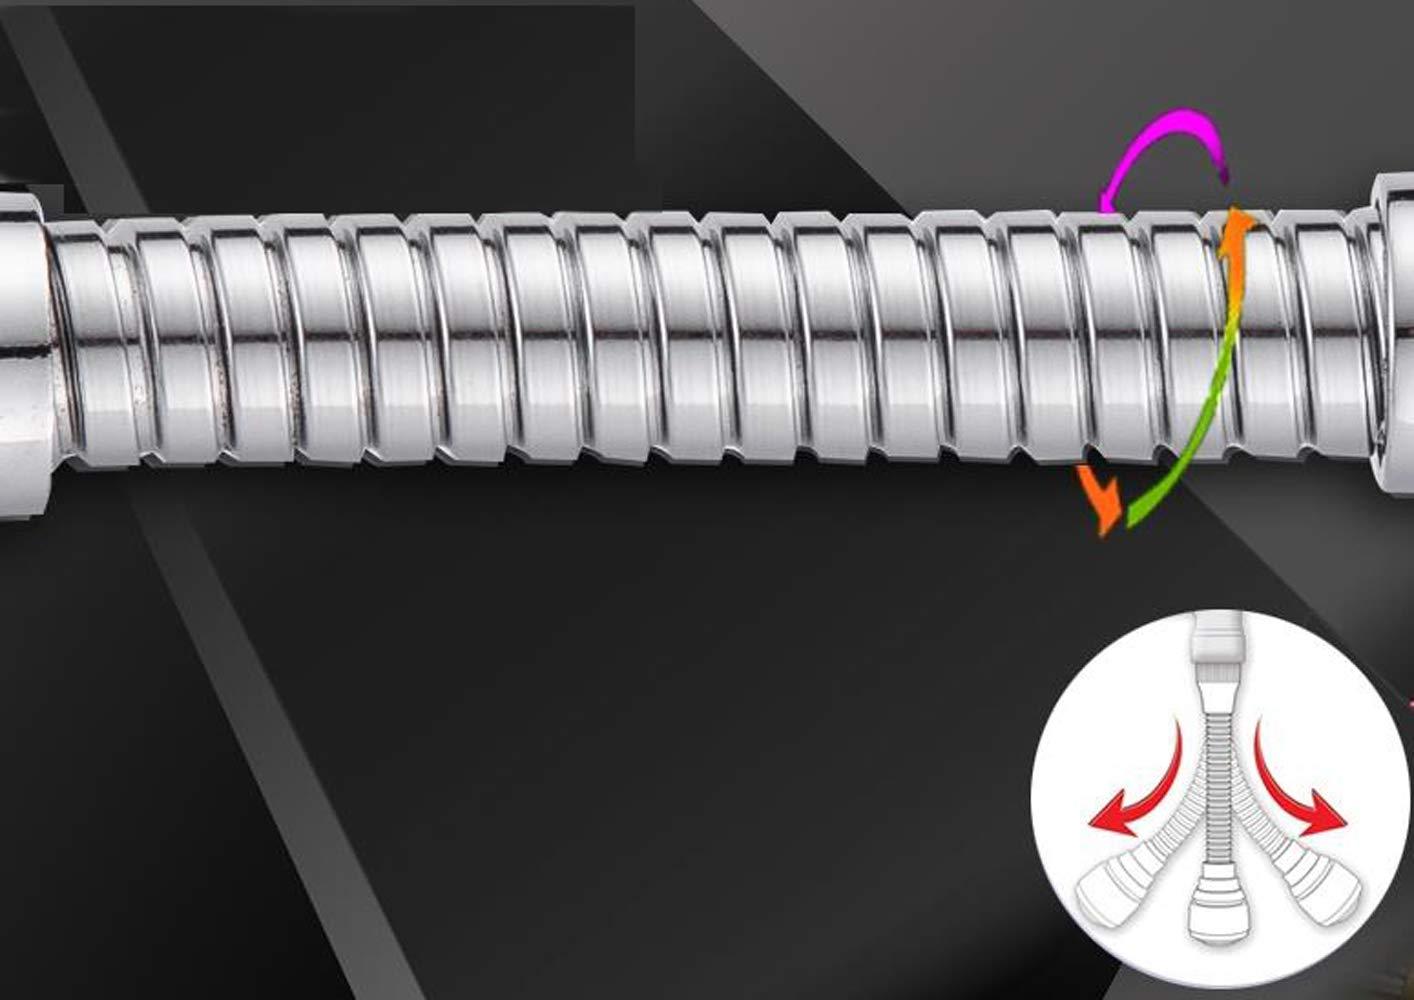 rallonge de robinet de cuisine pour /économie deau en acier inoxydable Pulv/érisateur de robinet pivotant /à 360 /°